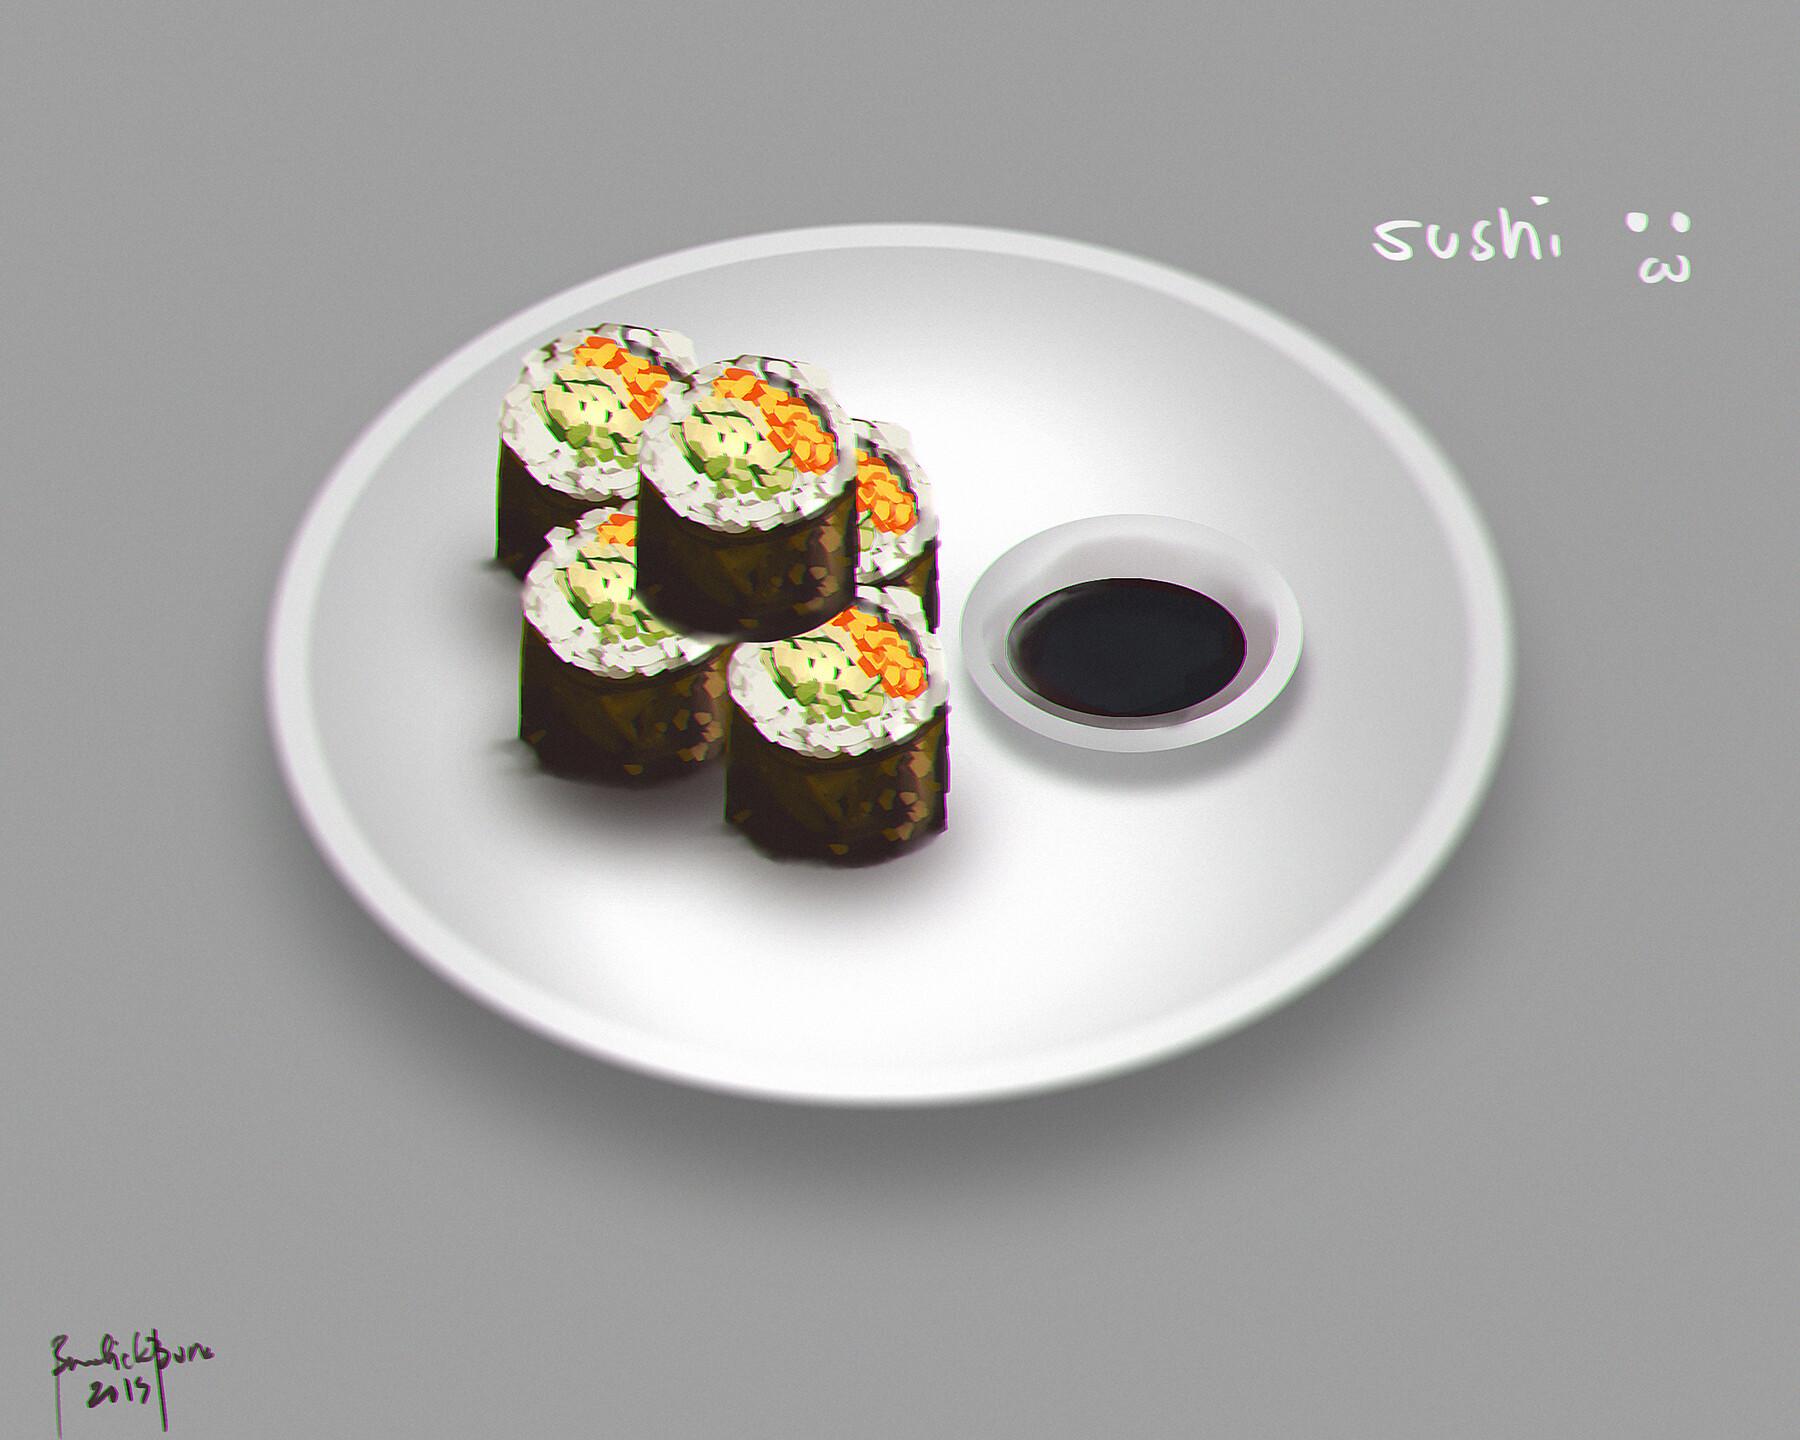 Speedpaint Sushi